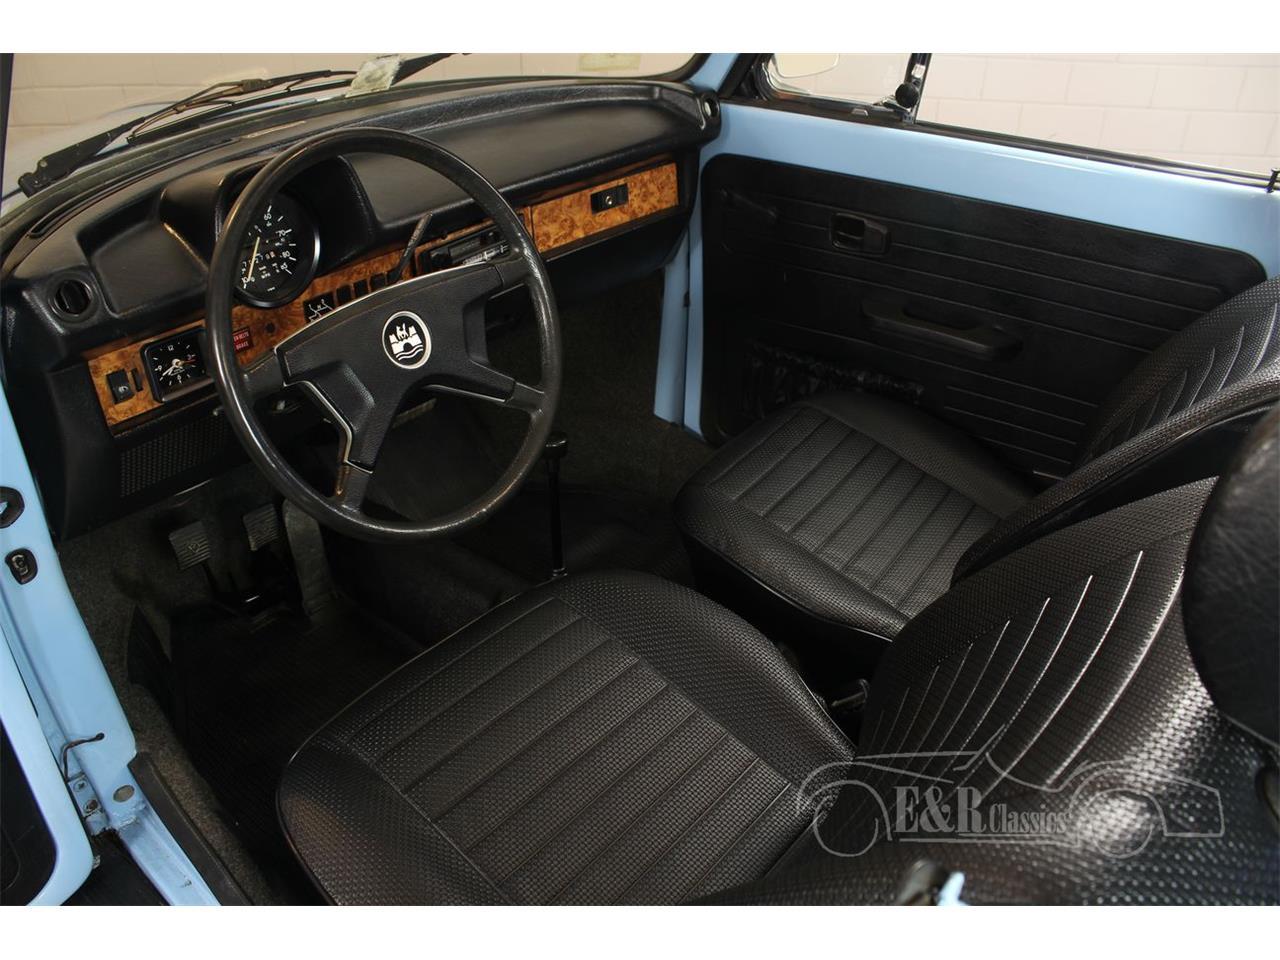 Large Picture of 1979 Volkswagen Beetle located in Waalwijk Noord Brabant - $27,200.00 - N8EB